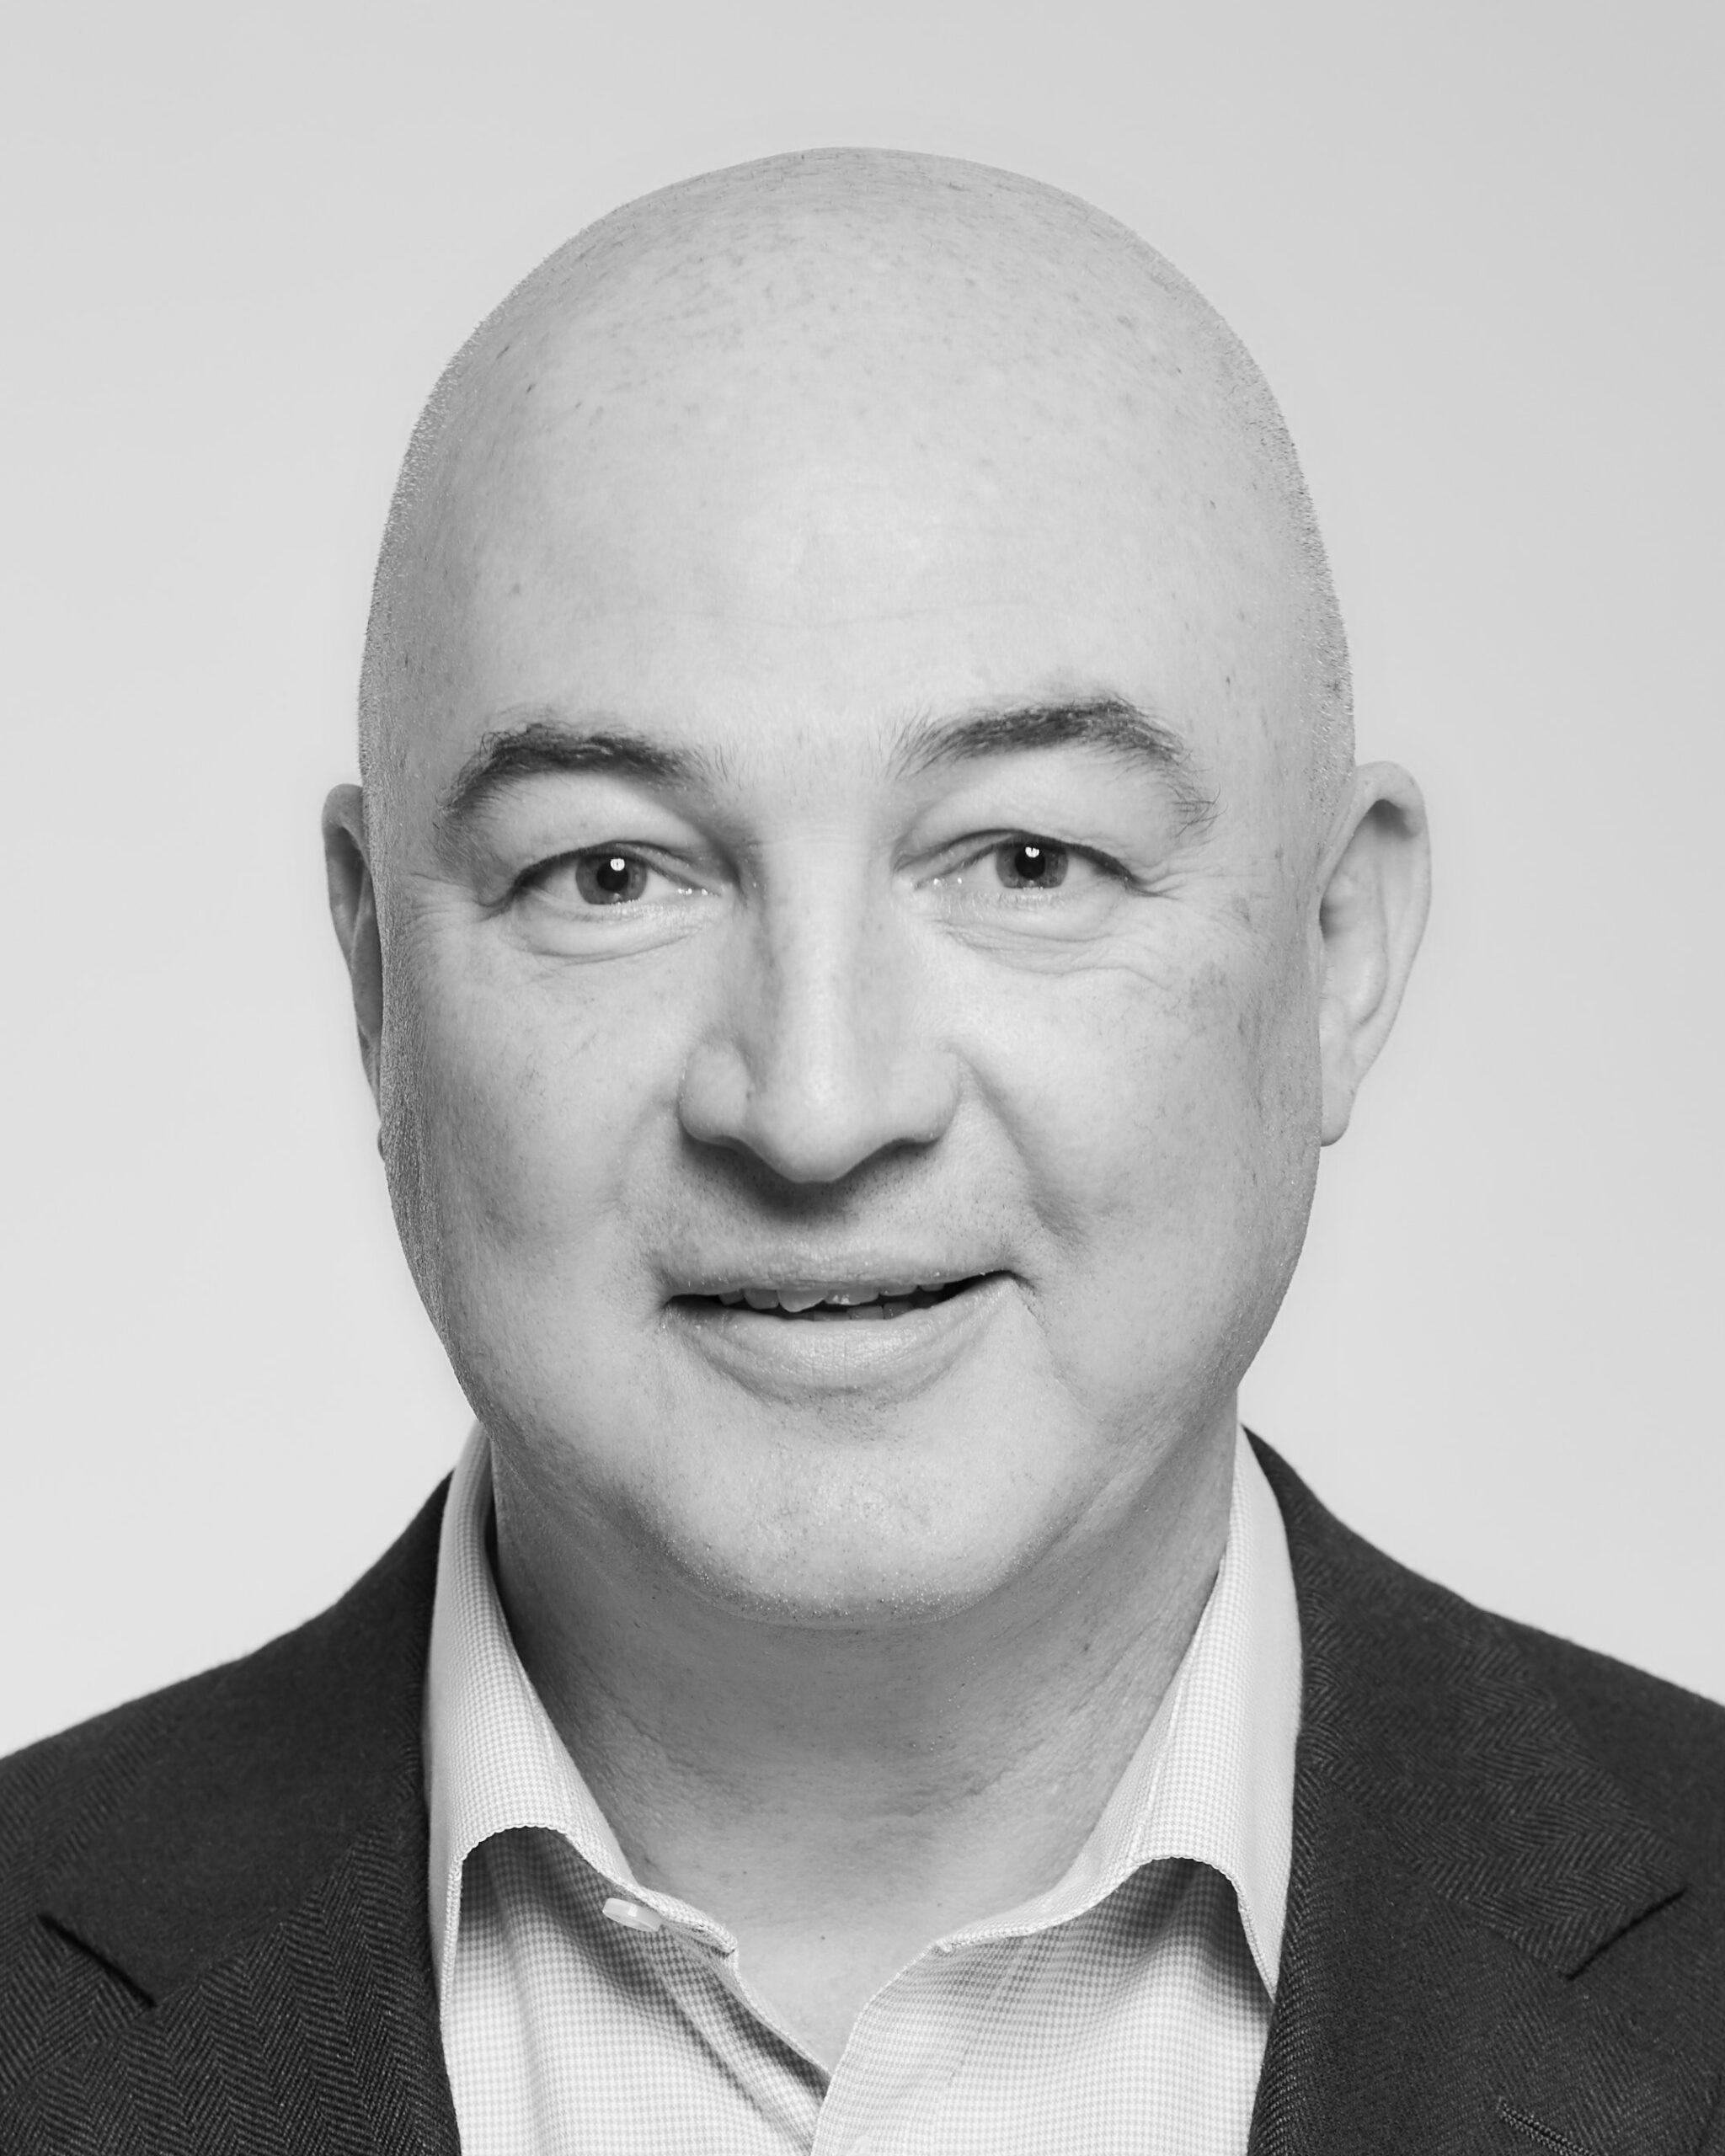 Alan Jope